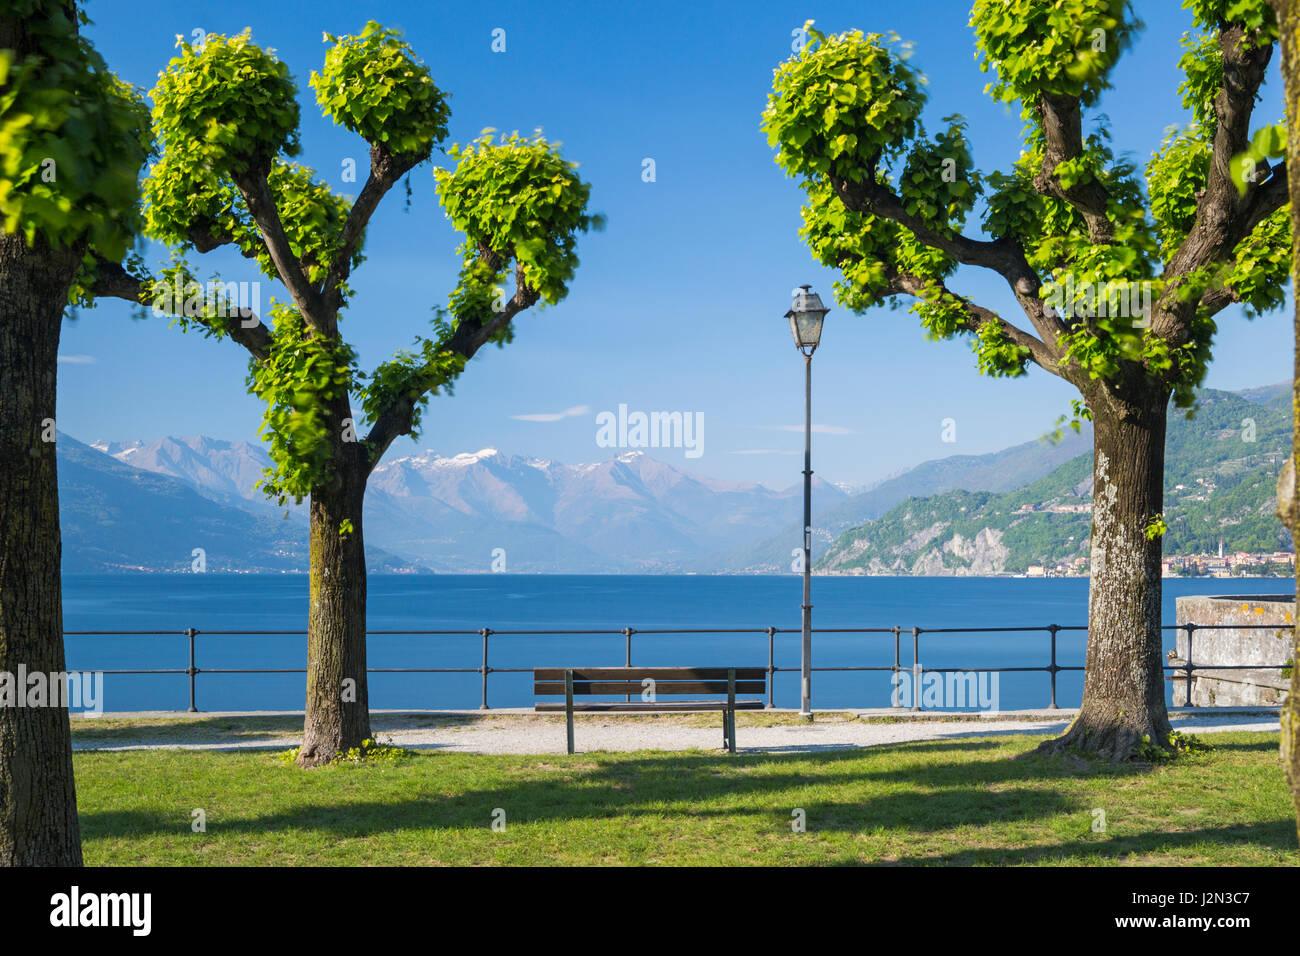 A lo largo de árboles talados costanera arbolada en el Bellagio, el Lago de Como, Italia en abril Foto de stock